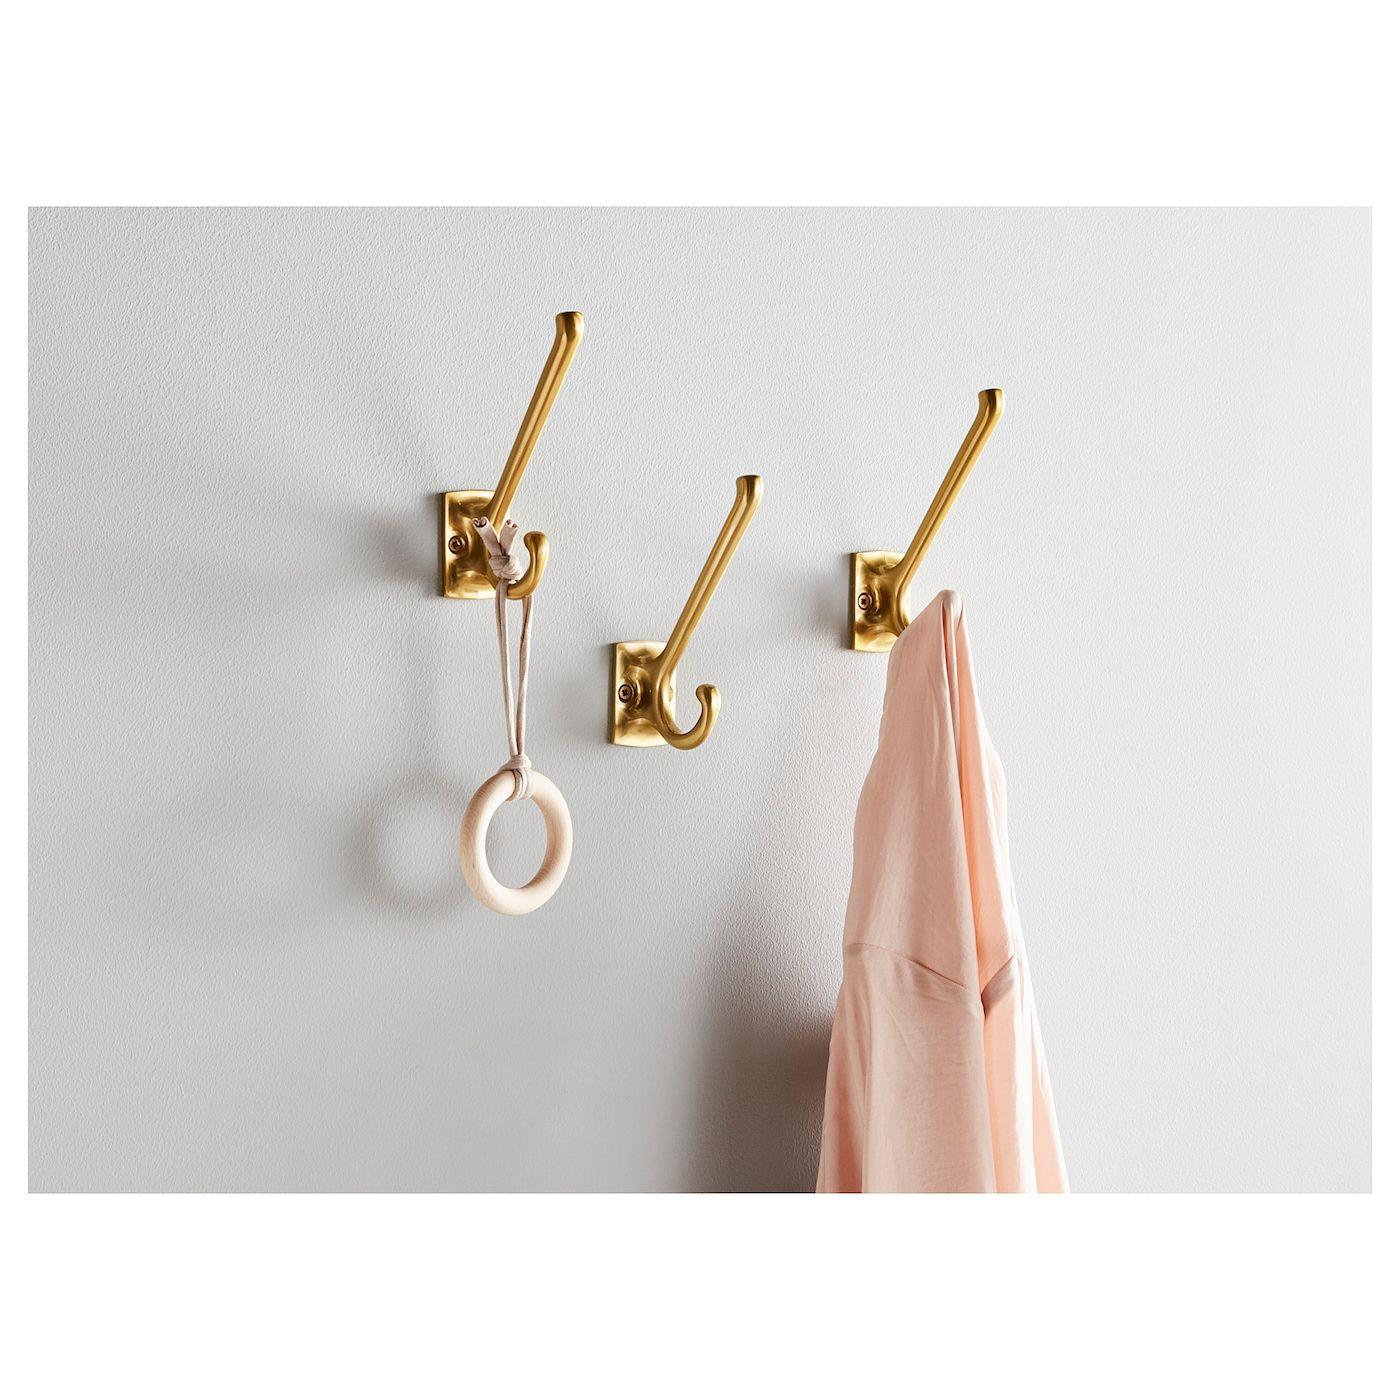 Kampig Hook Brass Color Messingfarben Ikea Haken Haken